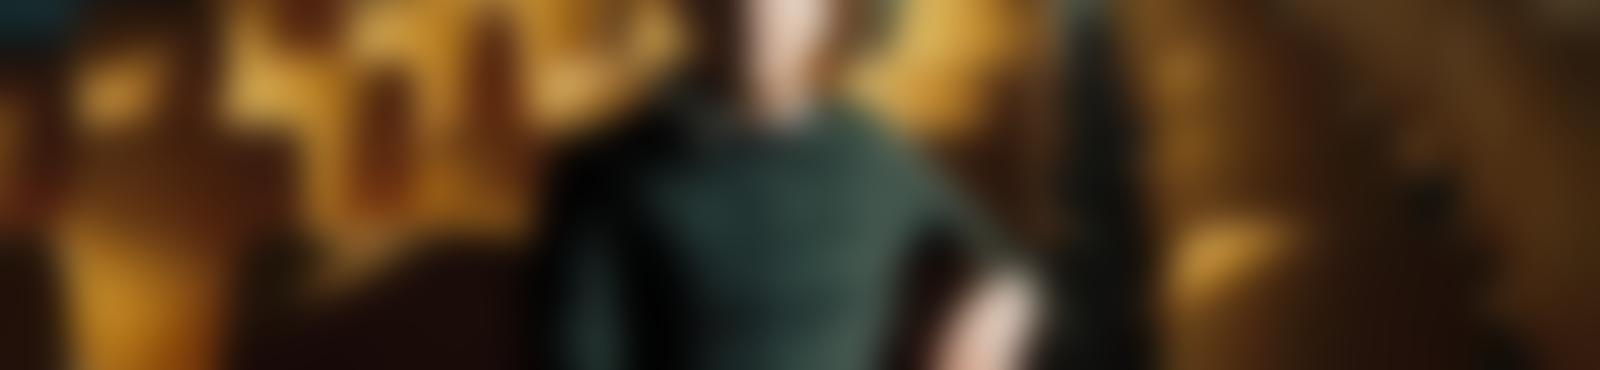 Blurred 0b057a77 f063 4560 ac8d a98ac4137e90